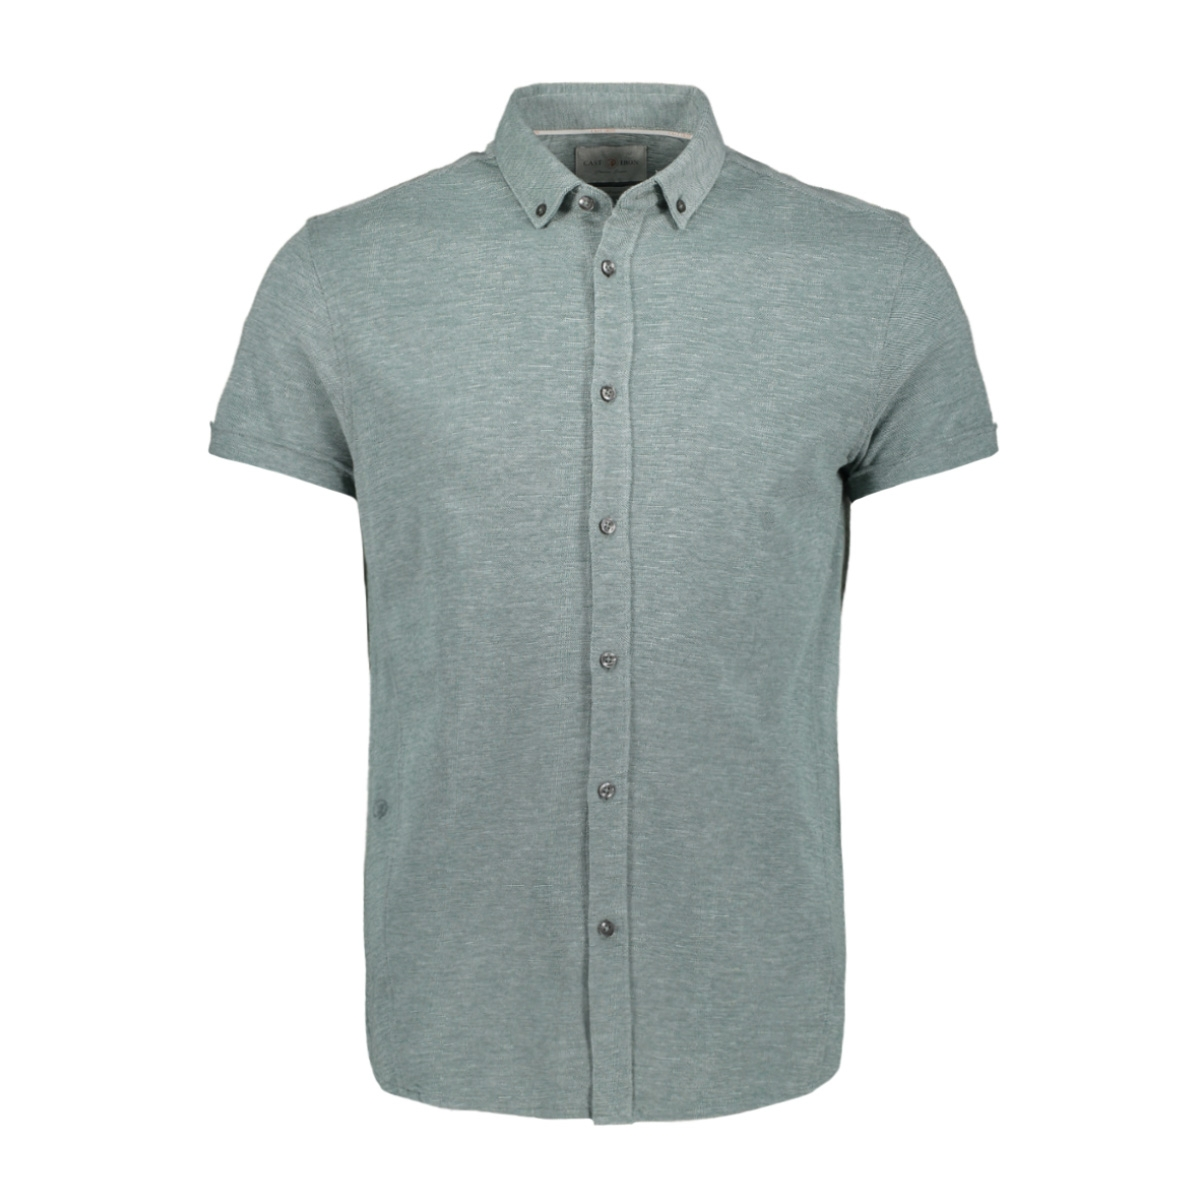 jersey pique shirt csis204658 cast iron overhemd 6080 mallard green